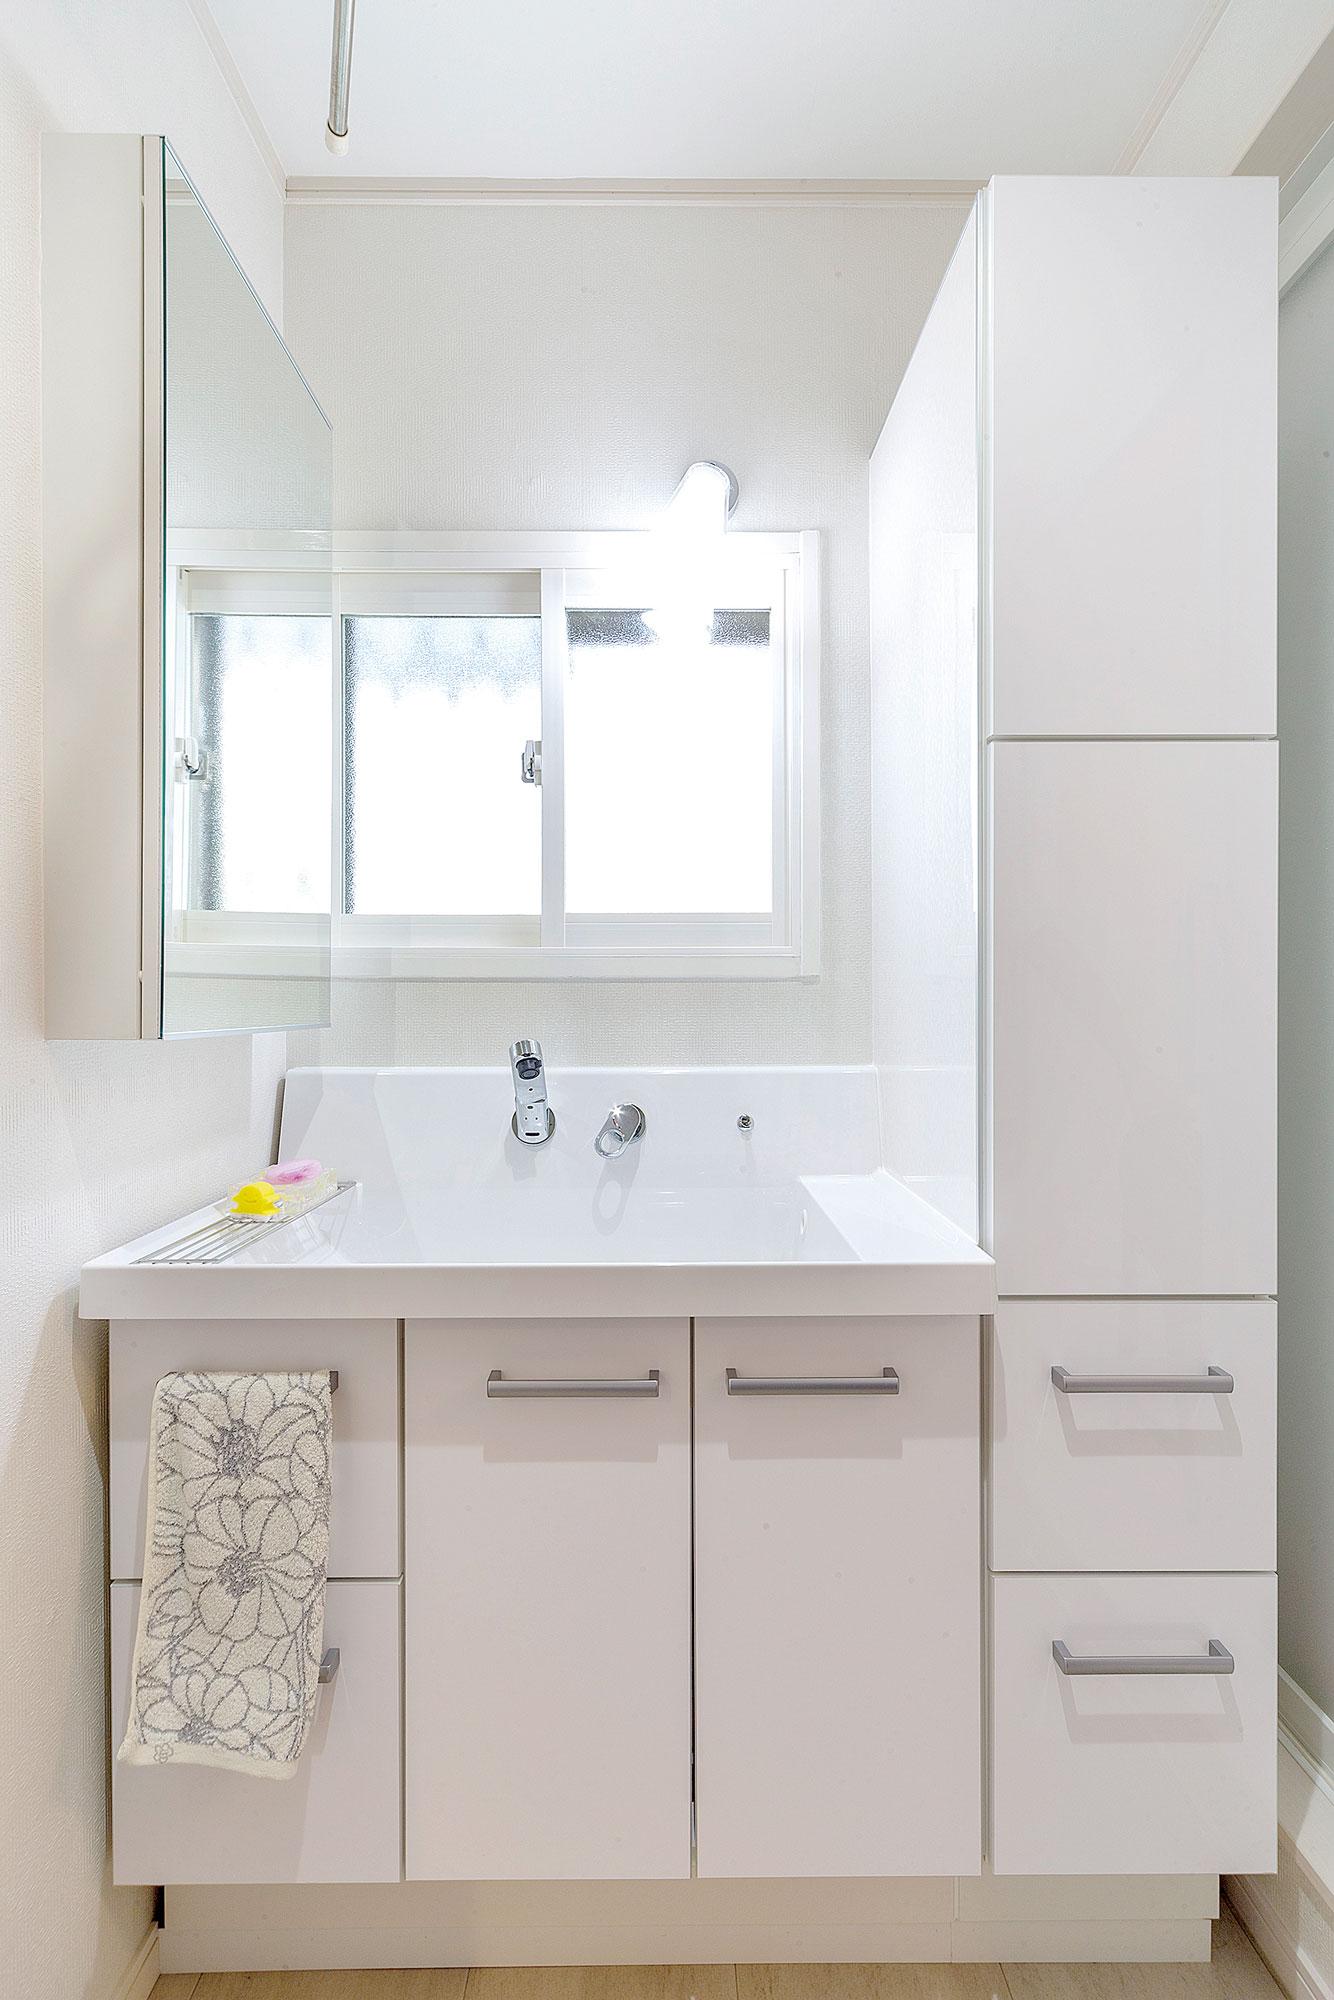 洗面台の右側には、水はねを考慮してサニタリーパネルを貼りました